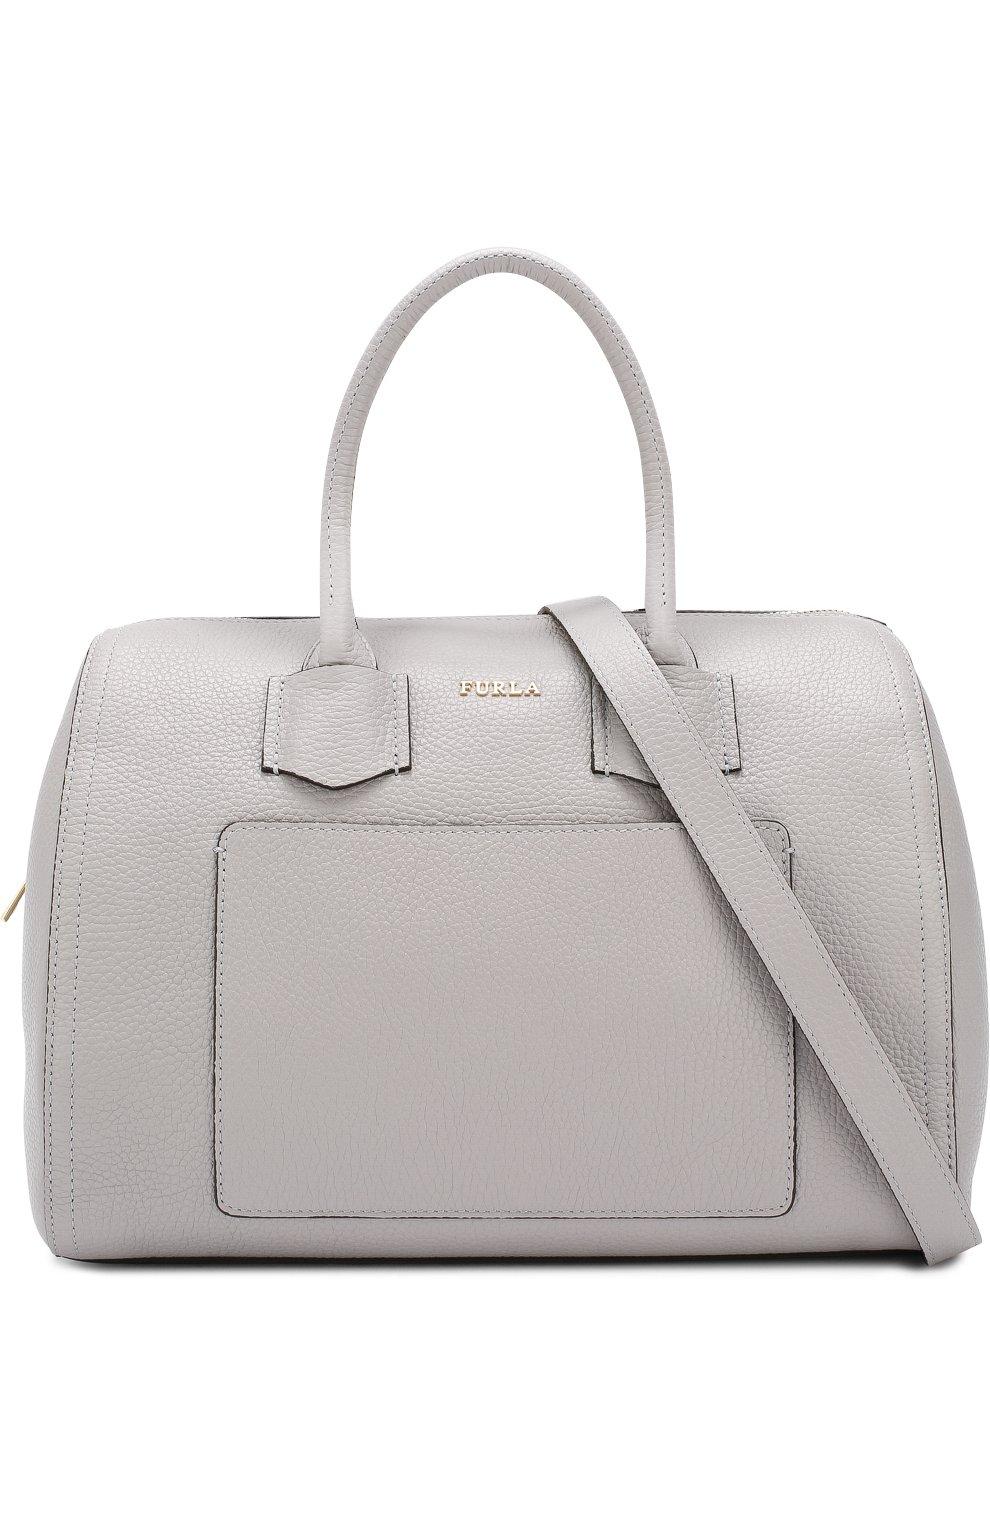 3495d9e8a665 Женская сумка alba FURLA серая цвета — купить за 27500 руб. в ...